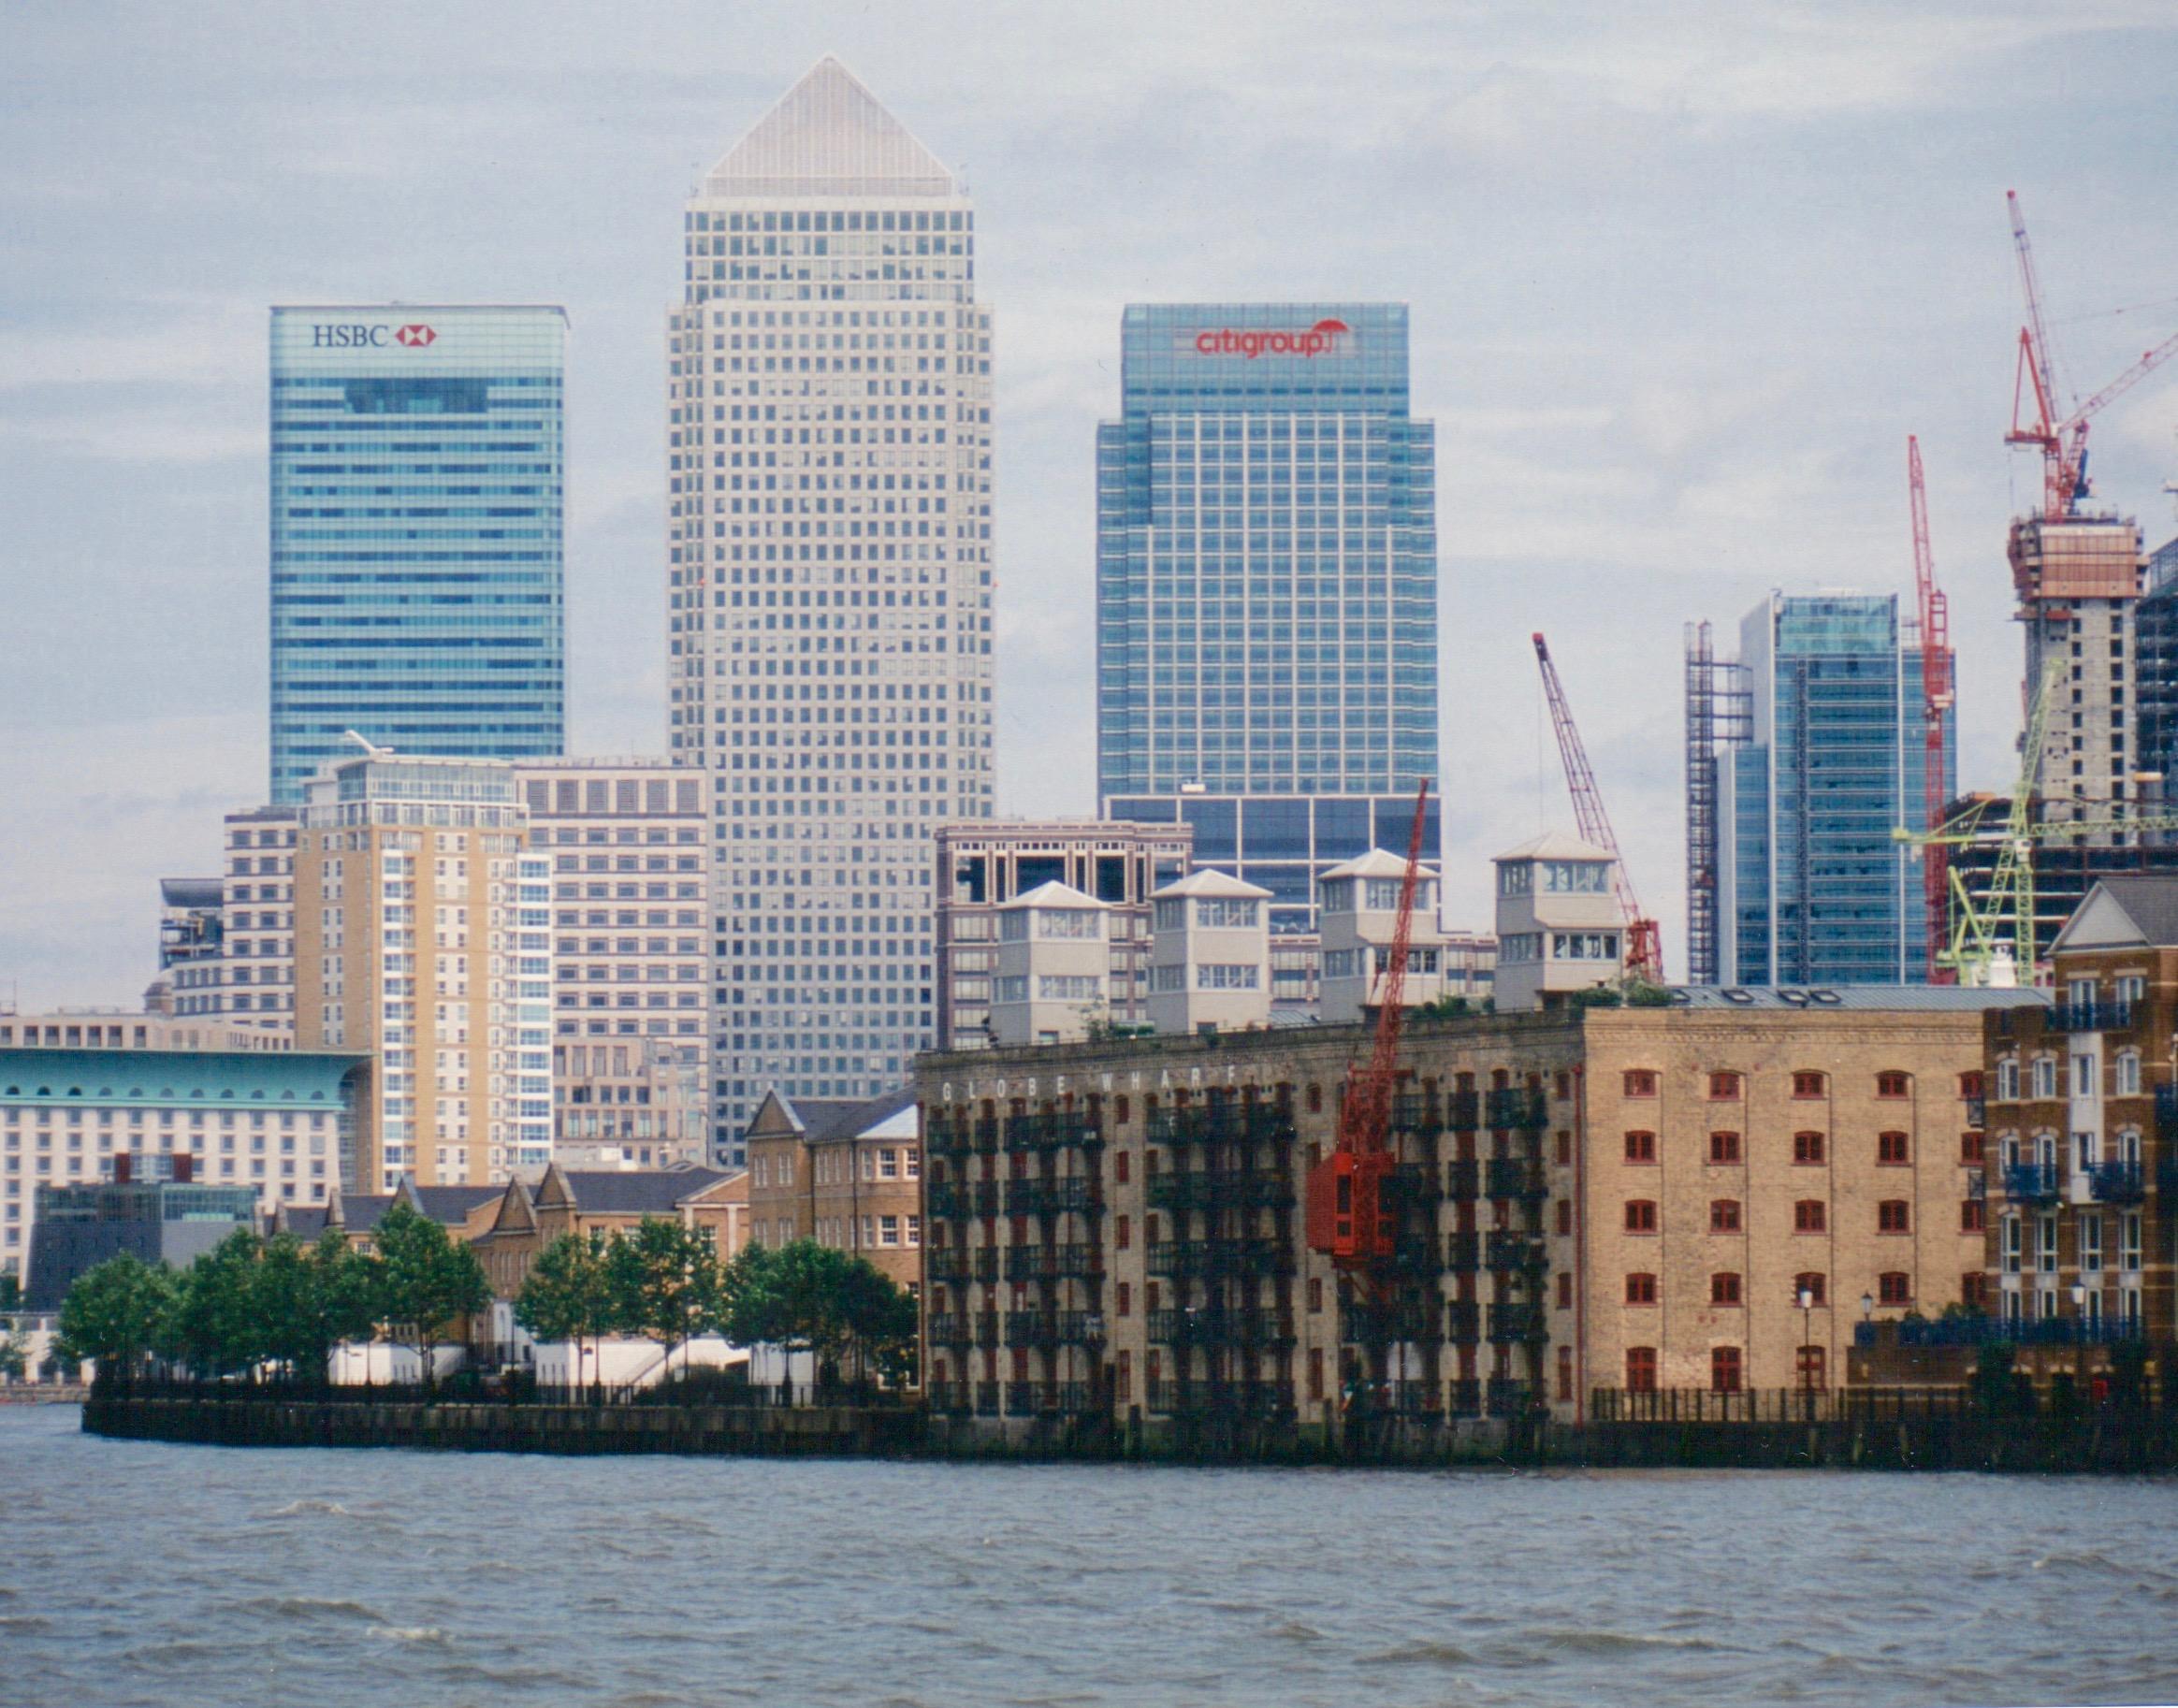 Canary Wharf Skyline.jpg